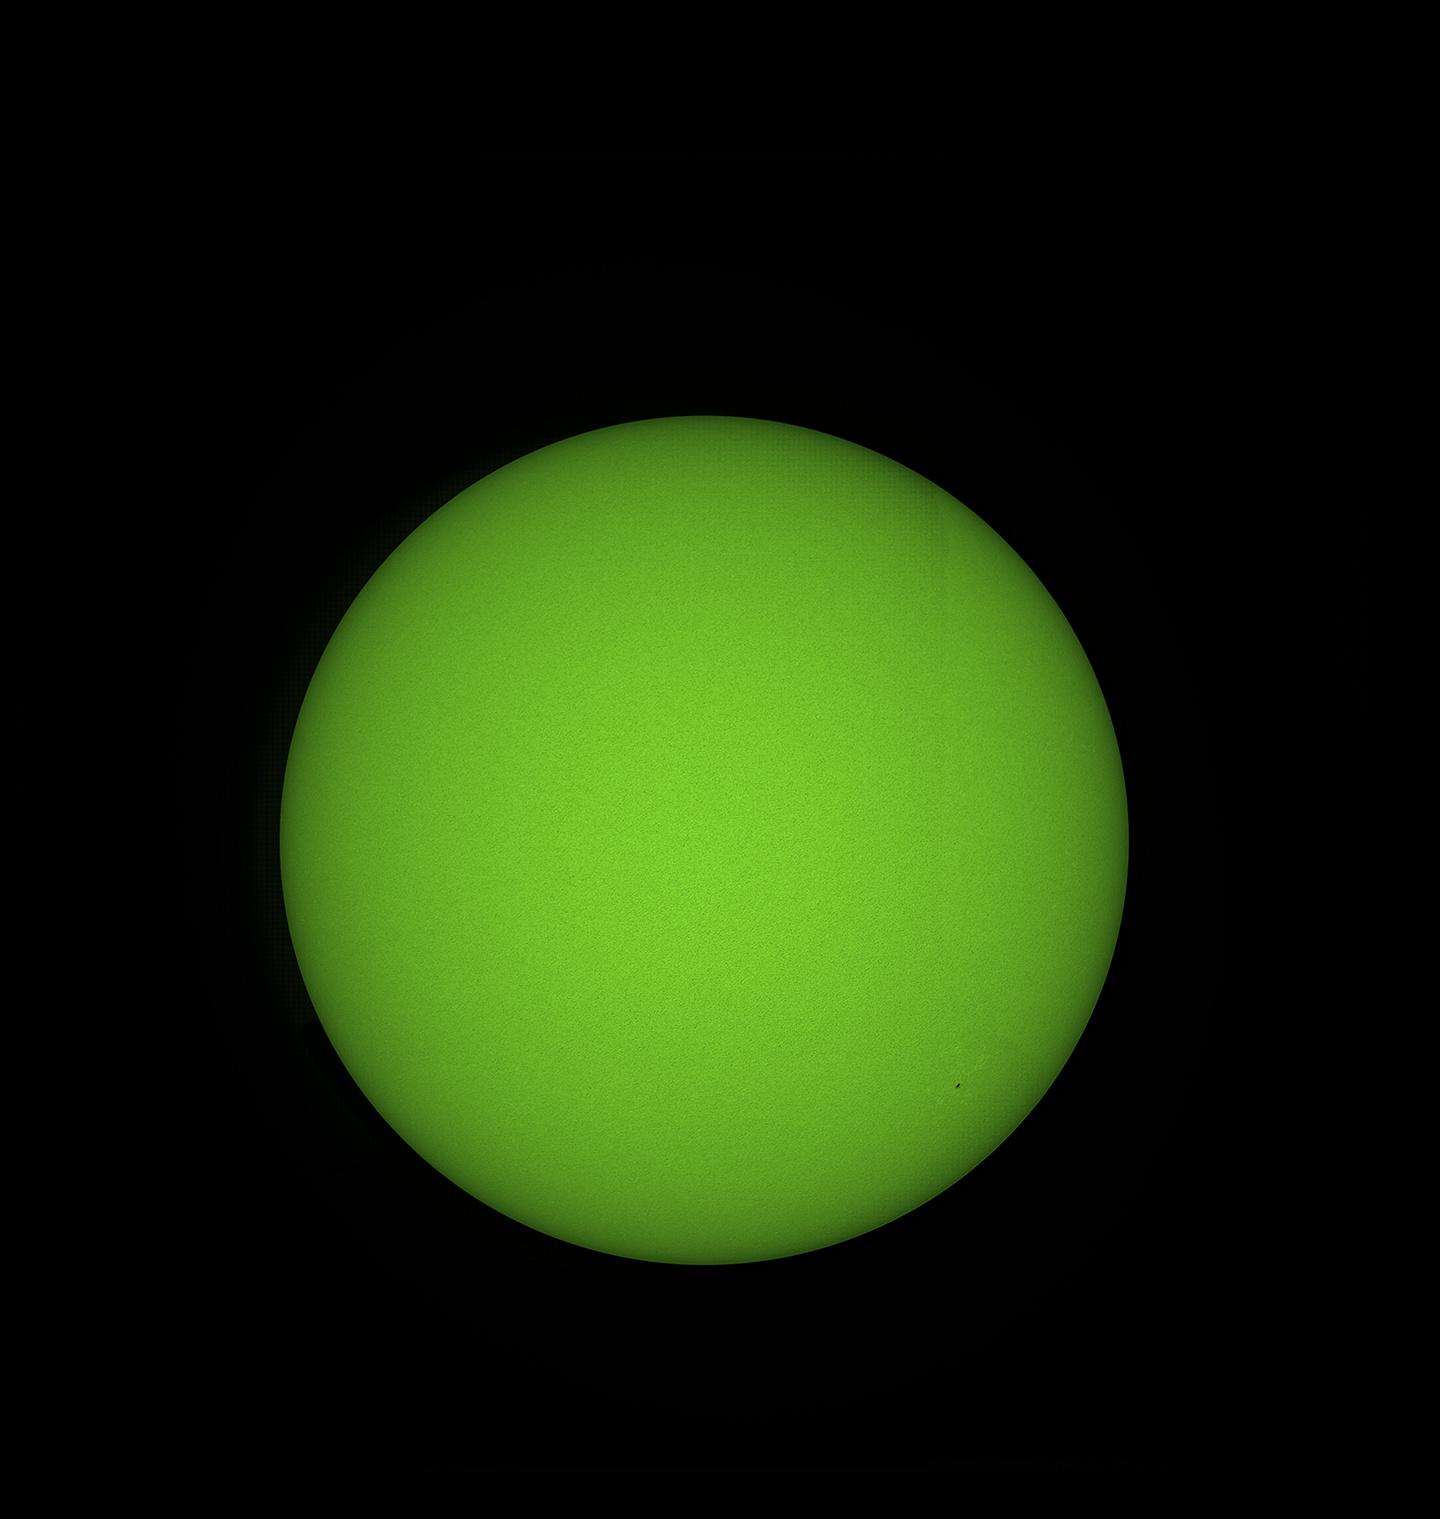 20200613_1050_7_Sun_pipp_g4_ap3_Drizzle15_conv.jpg.99a36a4557be79f6d7d0bcb35e8d912b.jpg